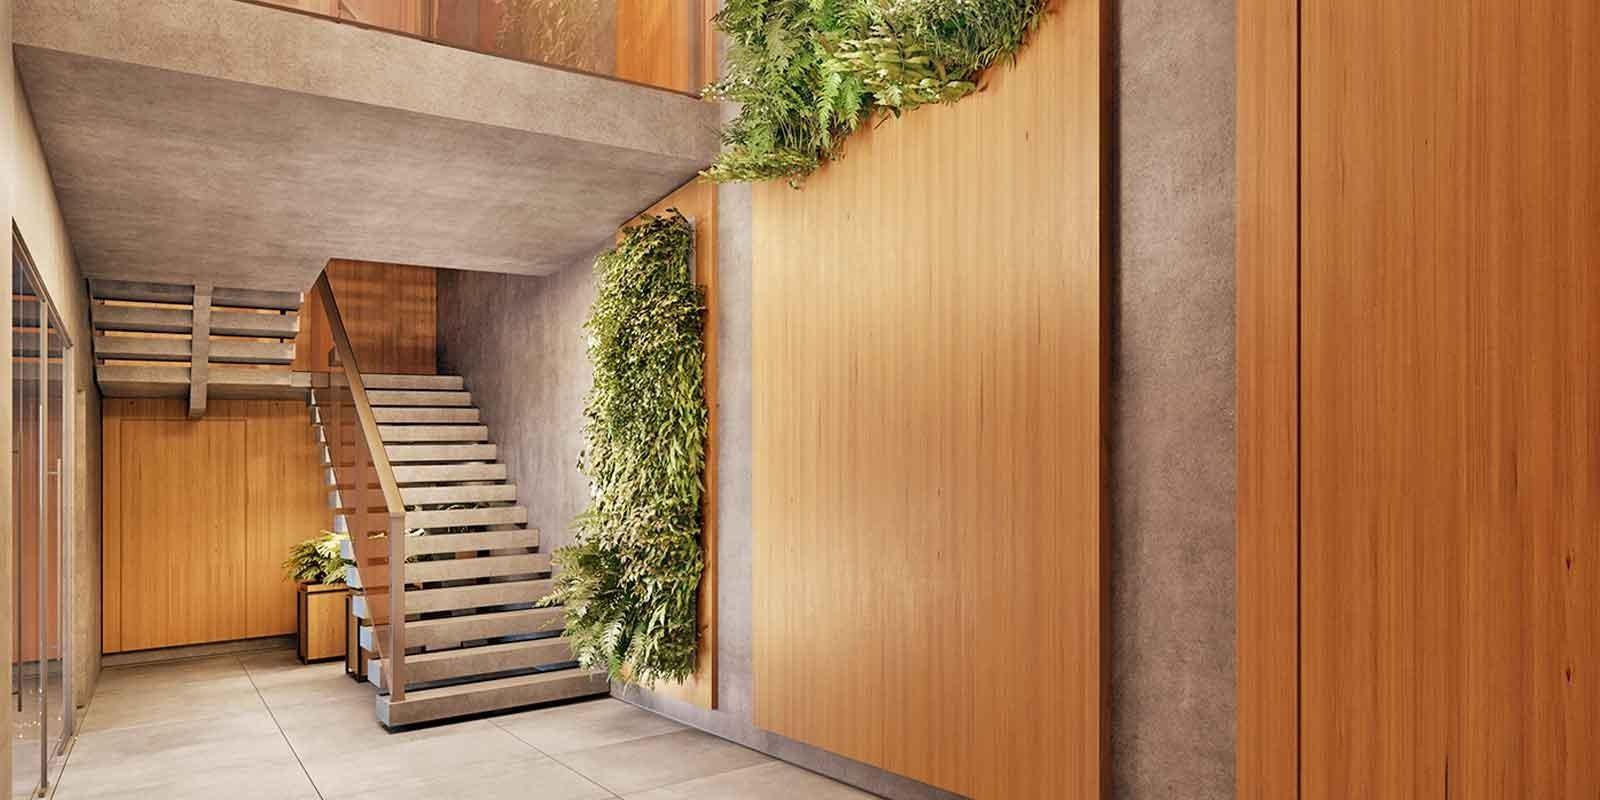 TPS Imóveis - Veja Foto 5 de 20 do Lindos Apartamentos com 3 Suítes Perto da Natureza